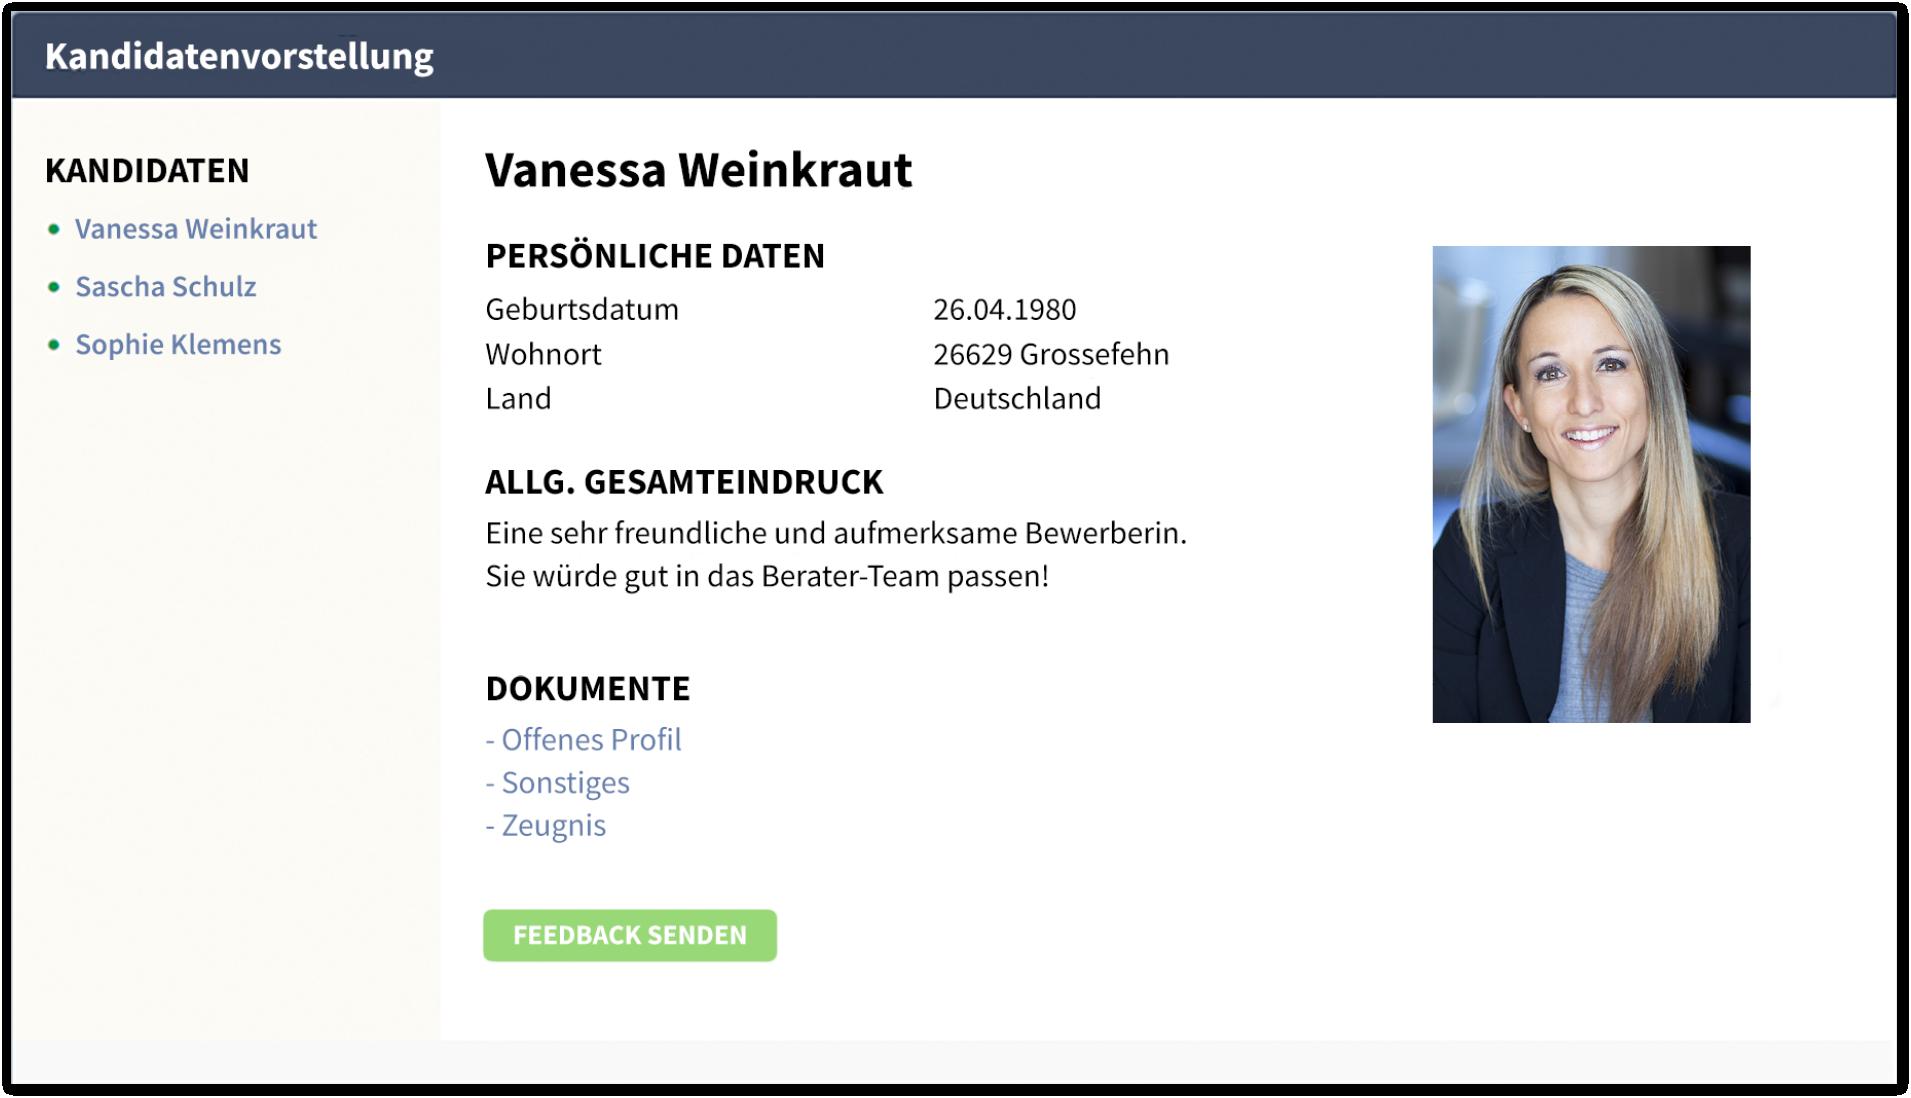 Ansicht eines einzelnen Kandidaten im Profilbuch